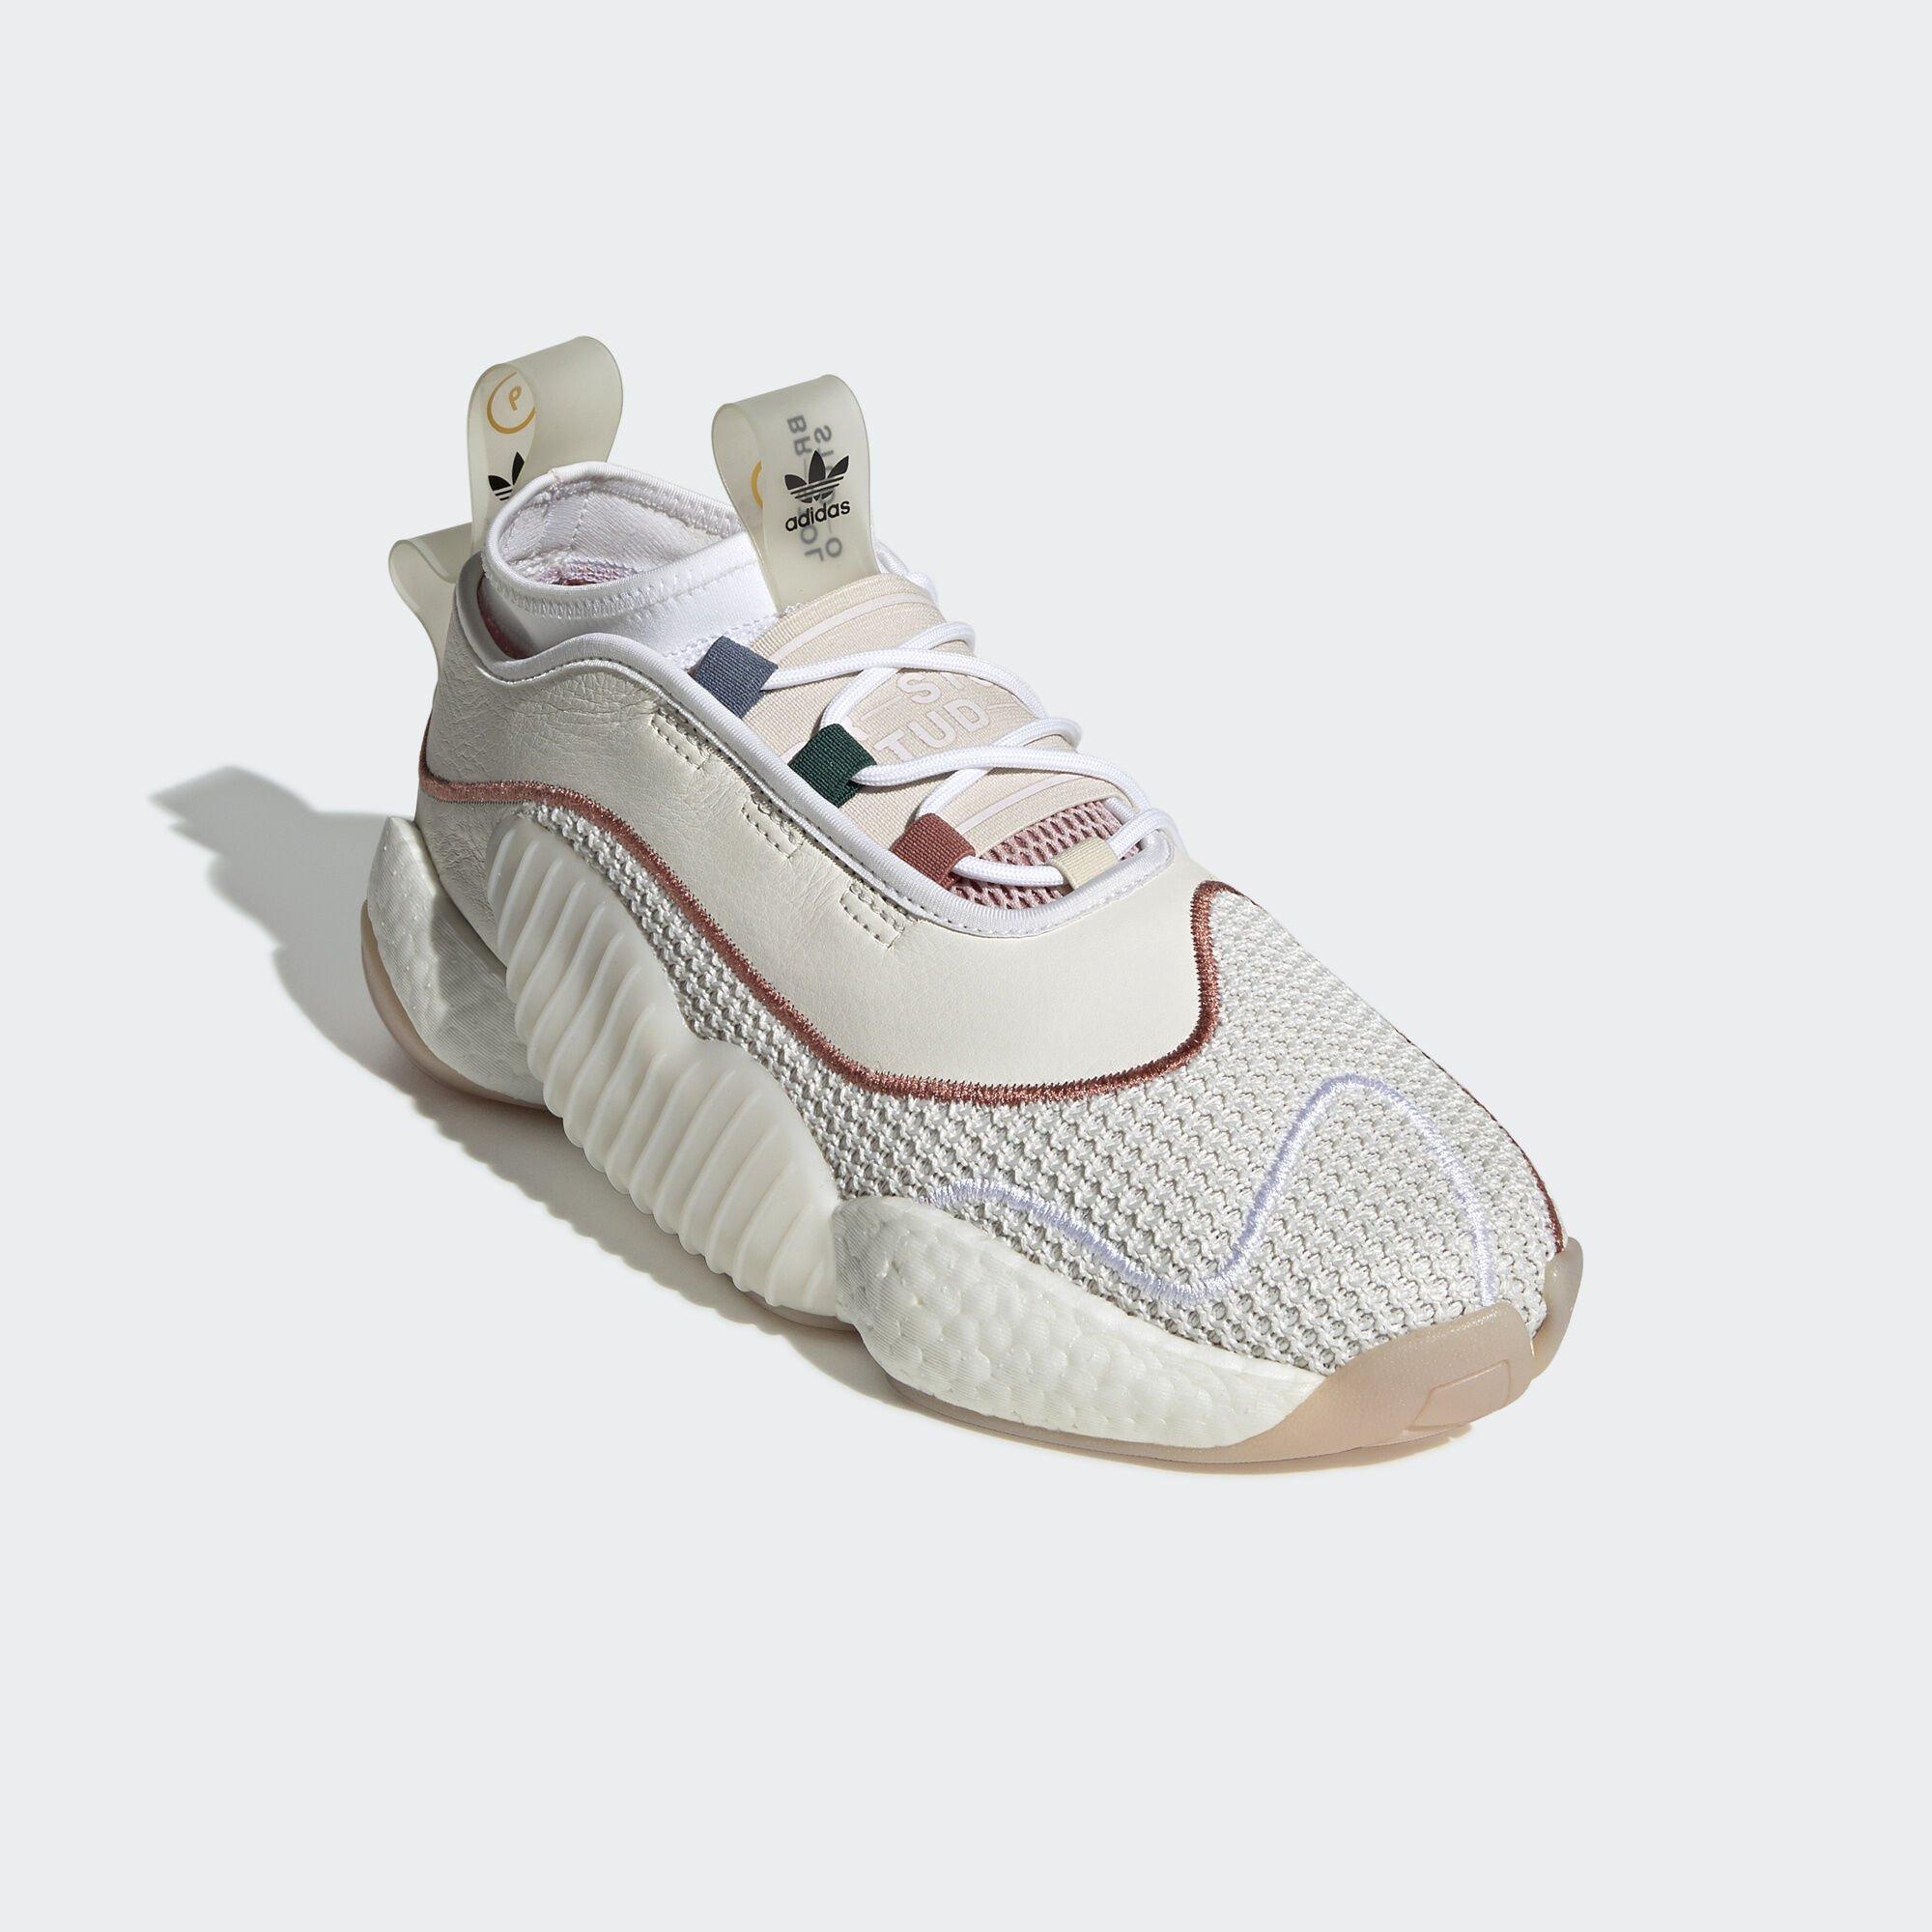 adidas Crazy BYW 2 Bristol Studios (G27891)